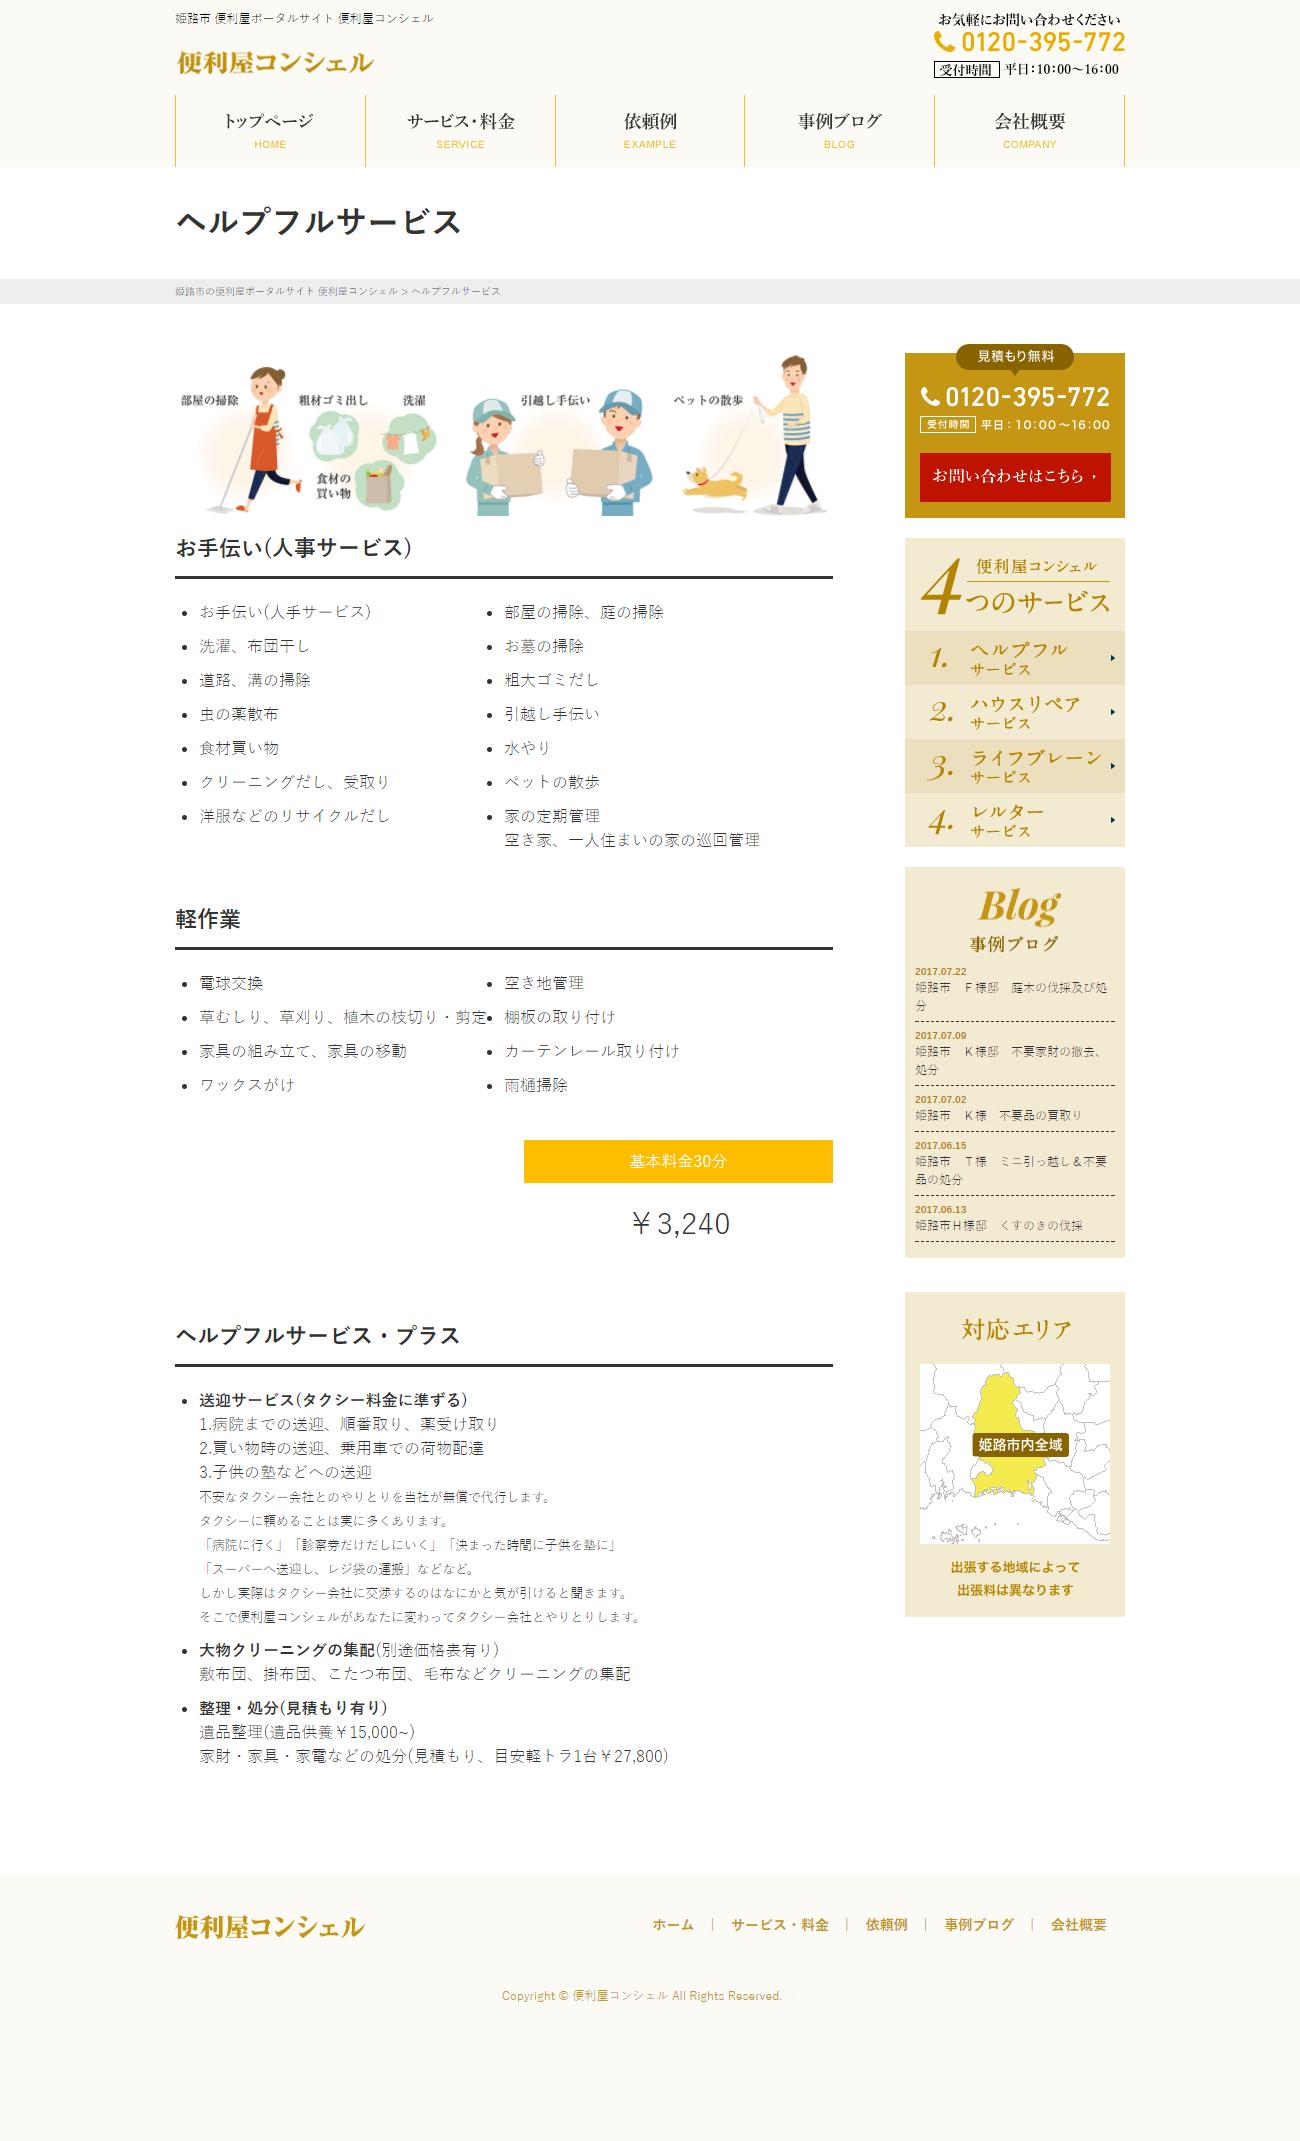 便利屋コンシェル様 ホームページ制作2